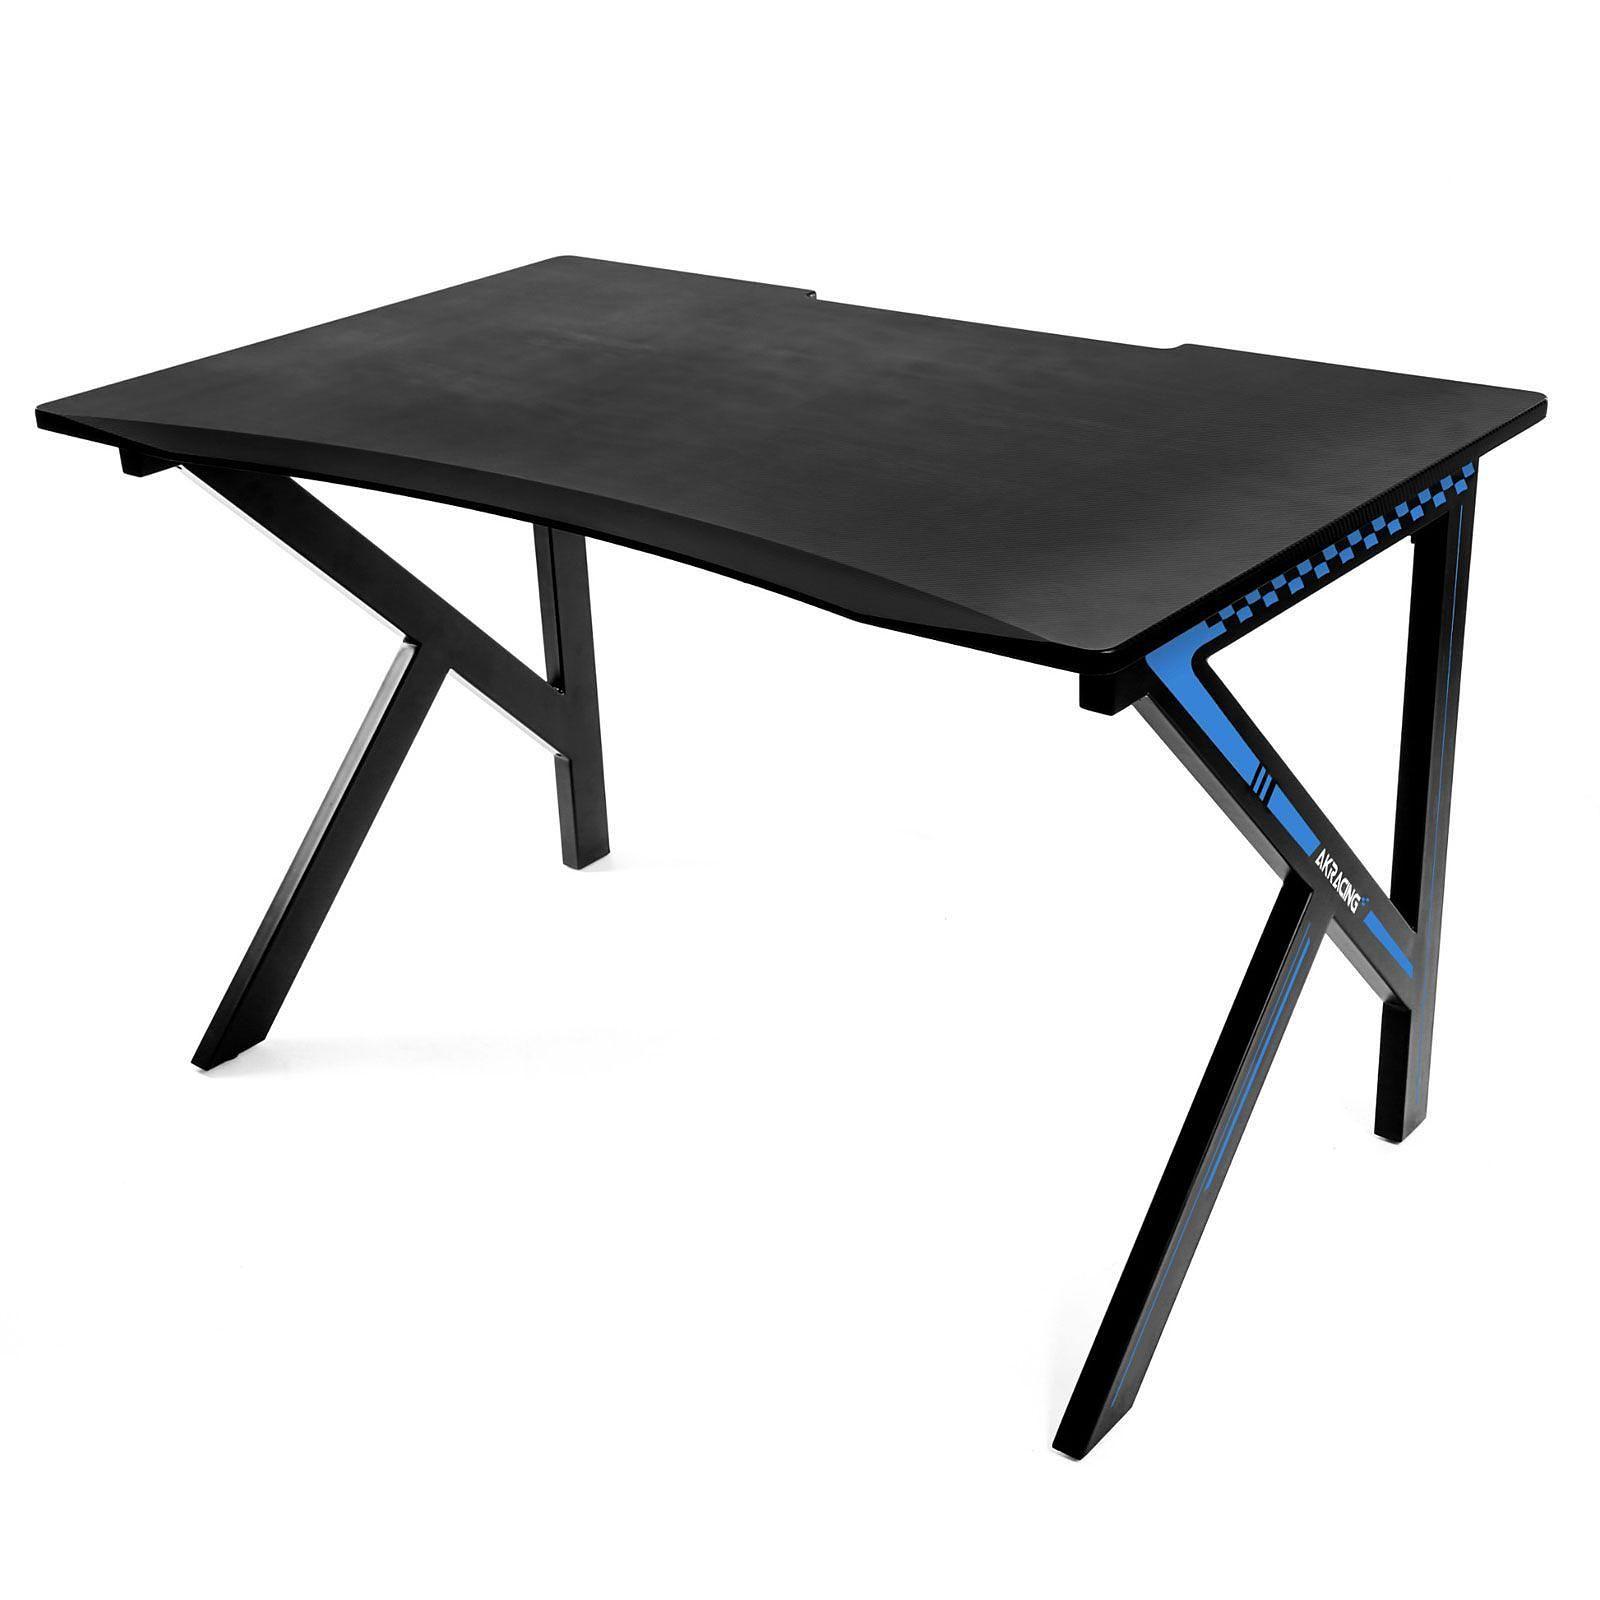 Akracing Gaming Desk (Bleu) - Meuble Ordinateur Akracing serapportantà Meuble Gaming